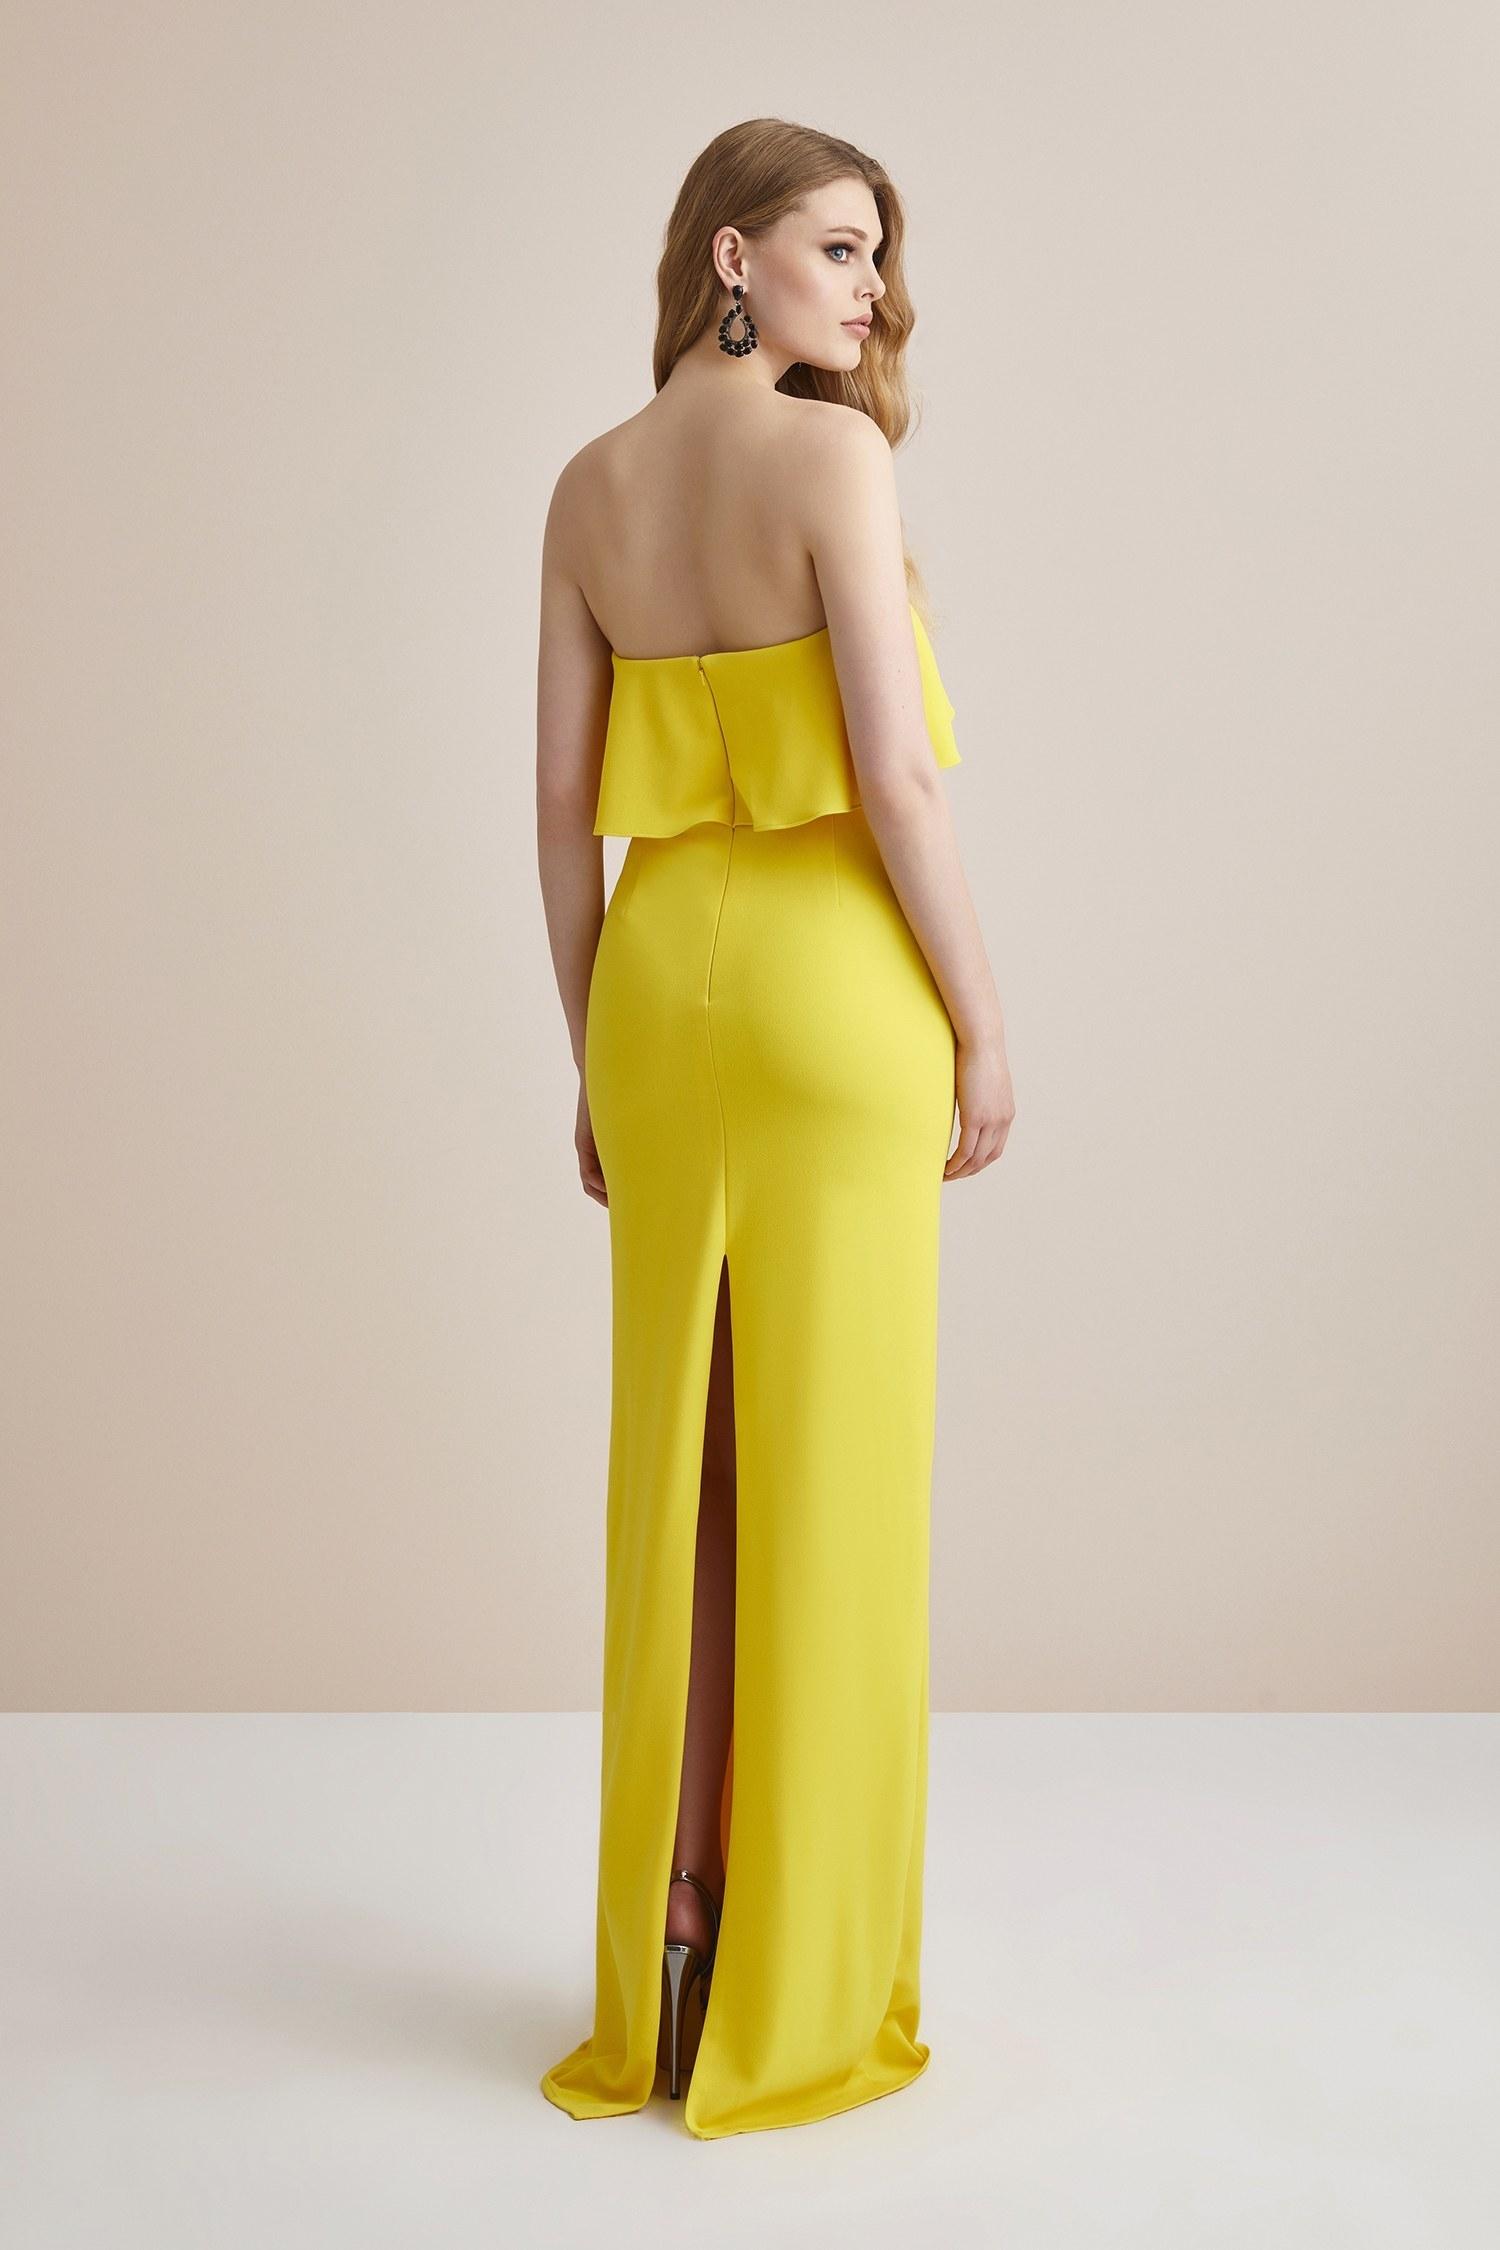 Limon Sarısı Straplez Krep Yırtmaçlı Uzun Abiye Elbise - Thumbnail